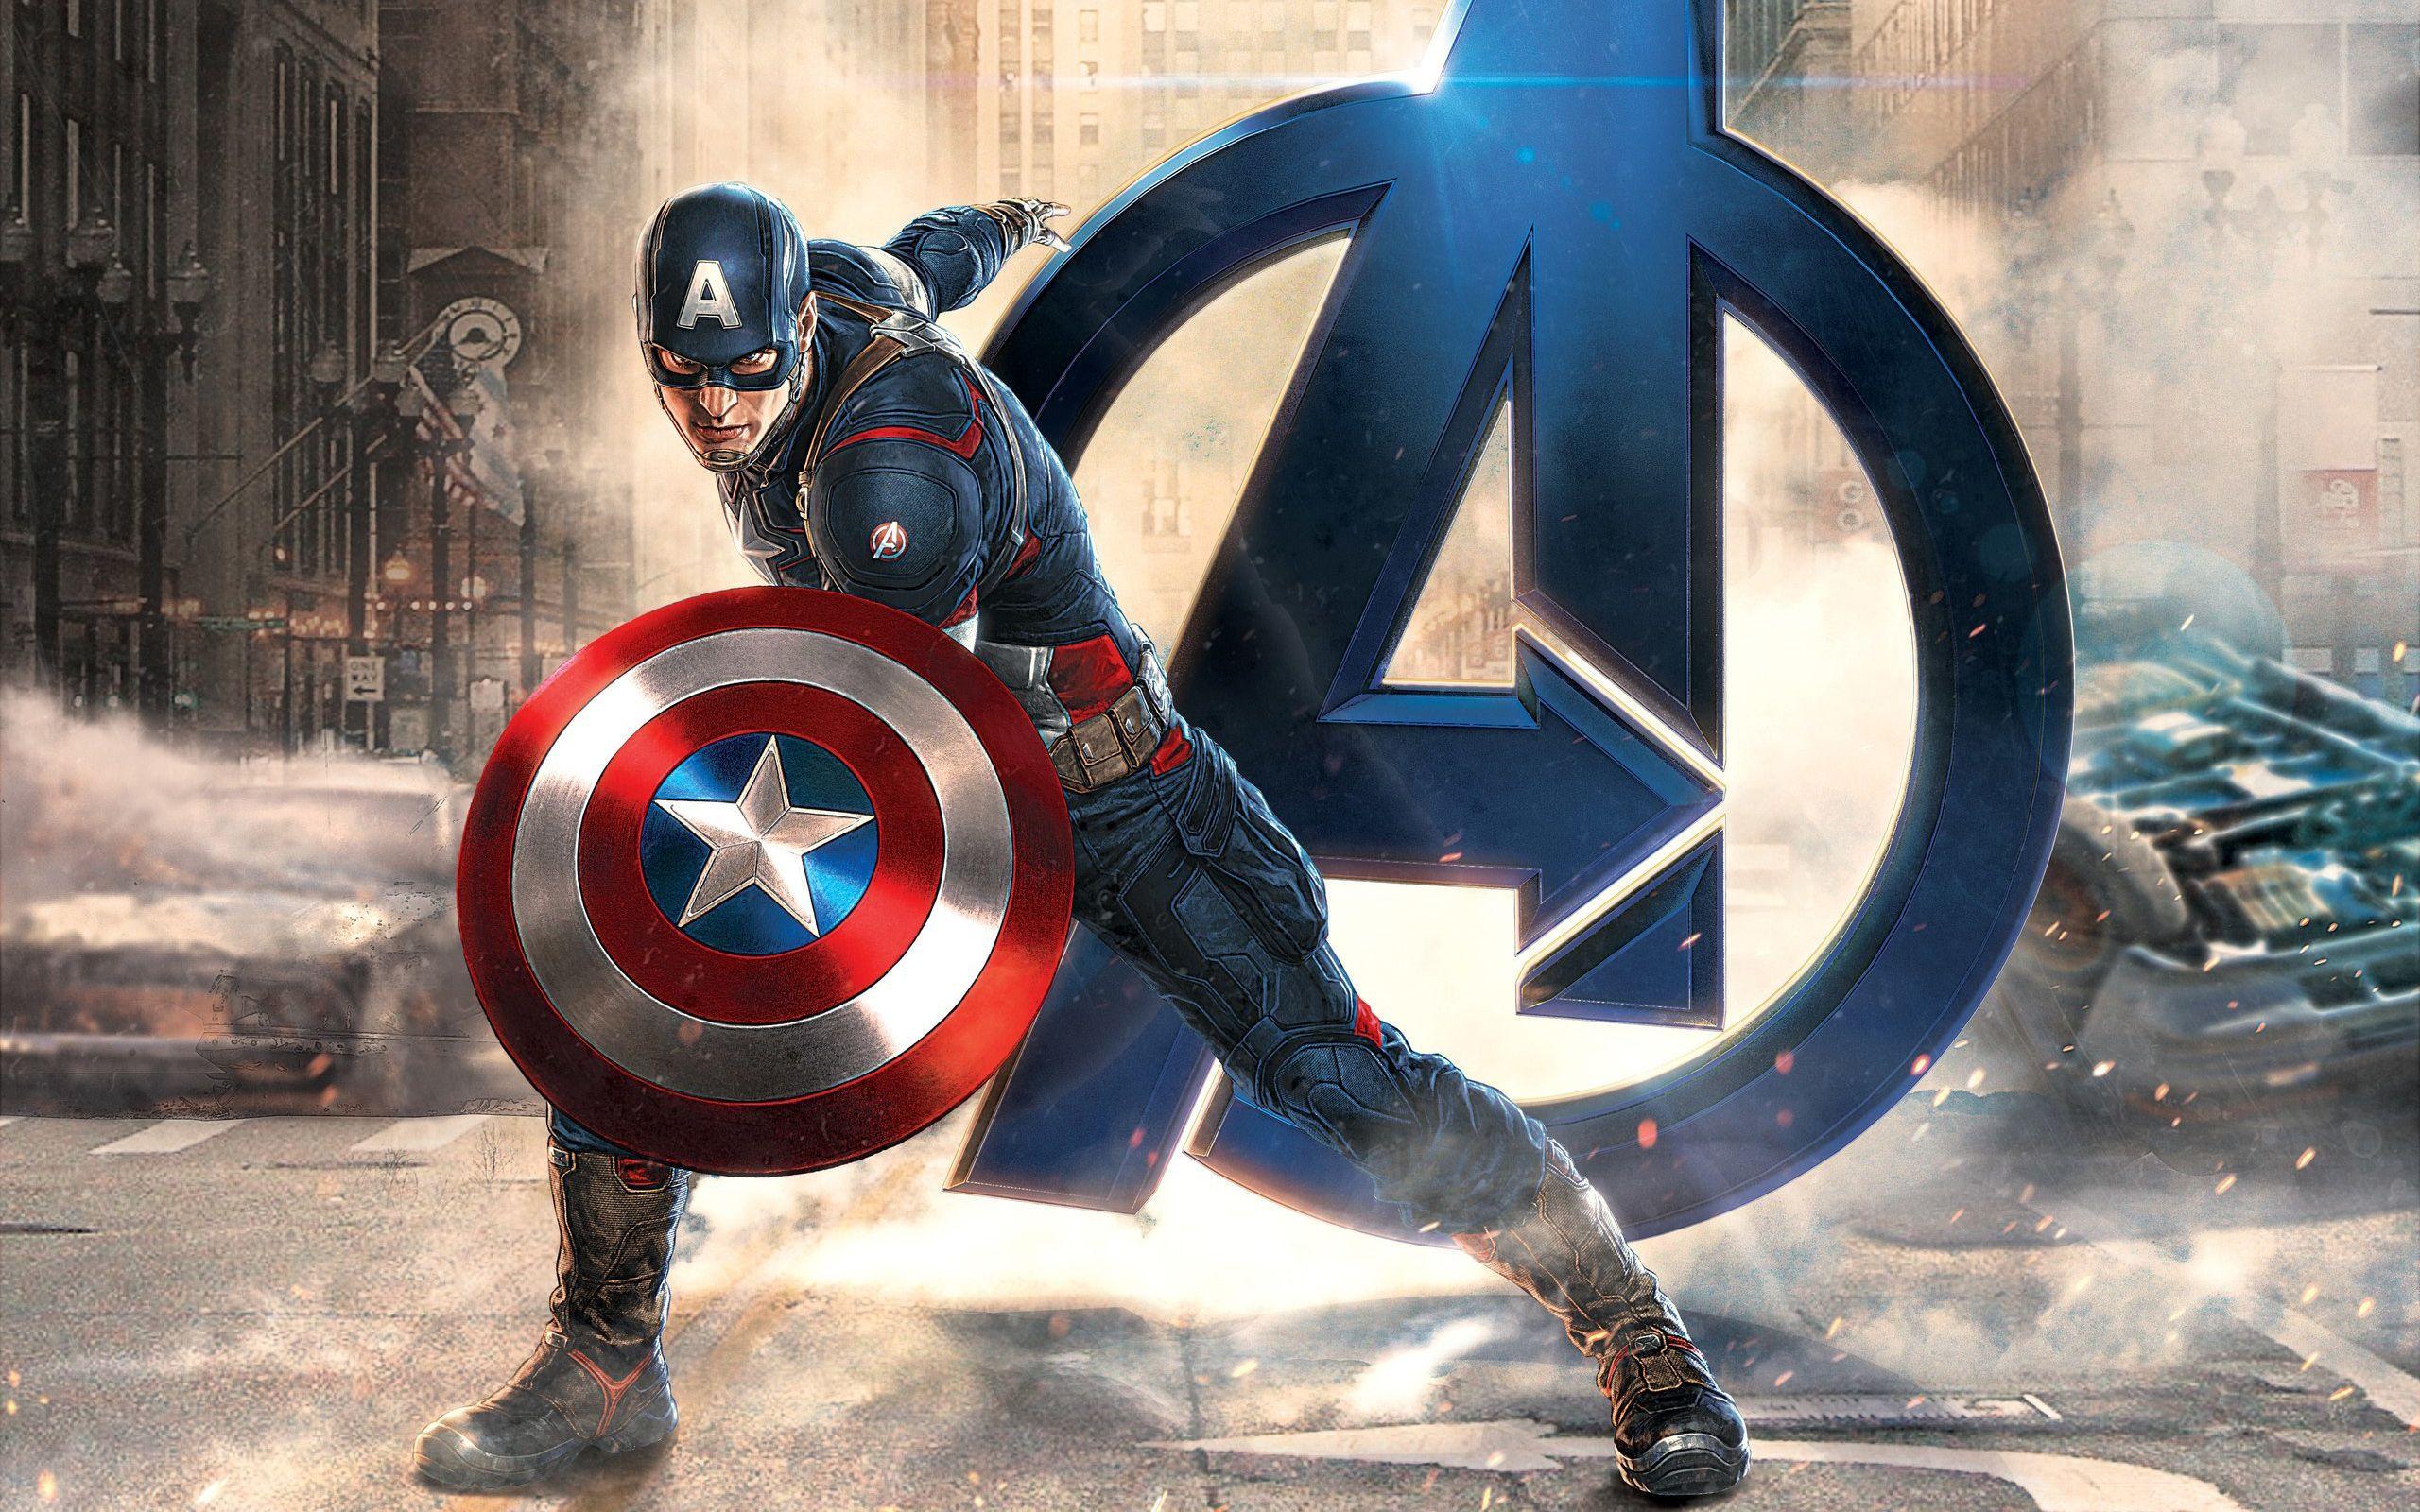 Avengers Fonds D Ecran Arrieres Plan 2560x1600 Id 632727 Captain America Wallpaper Avengers Wallpaper Captain America